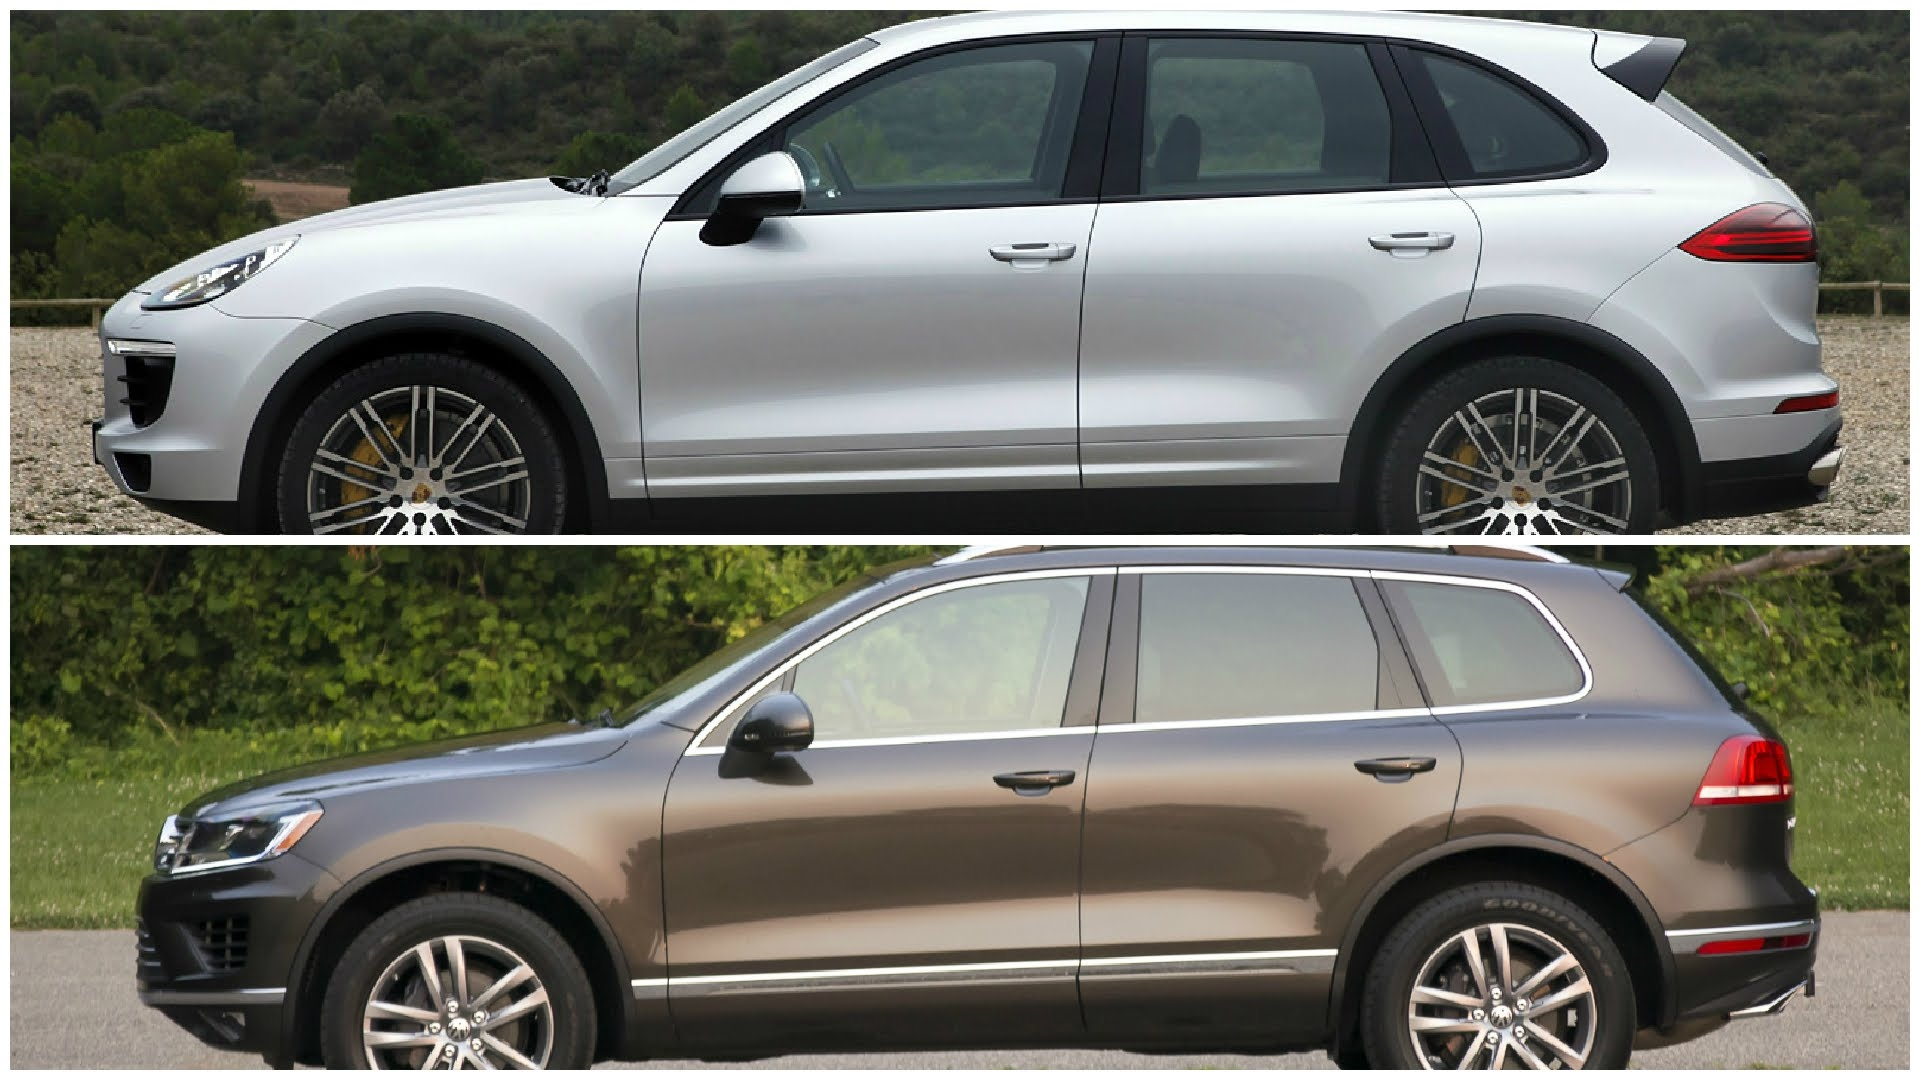 Groupe Vw 800 000 Voitures Au Rappel Volkswagen Et Porsche